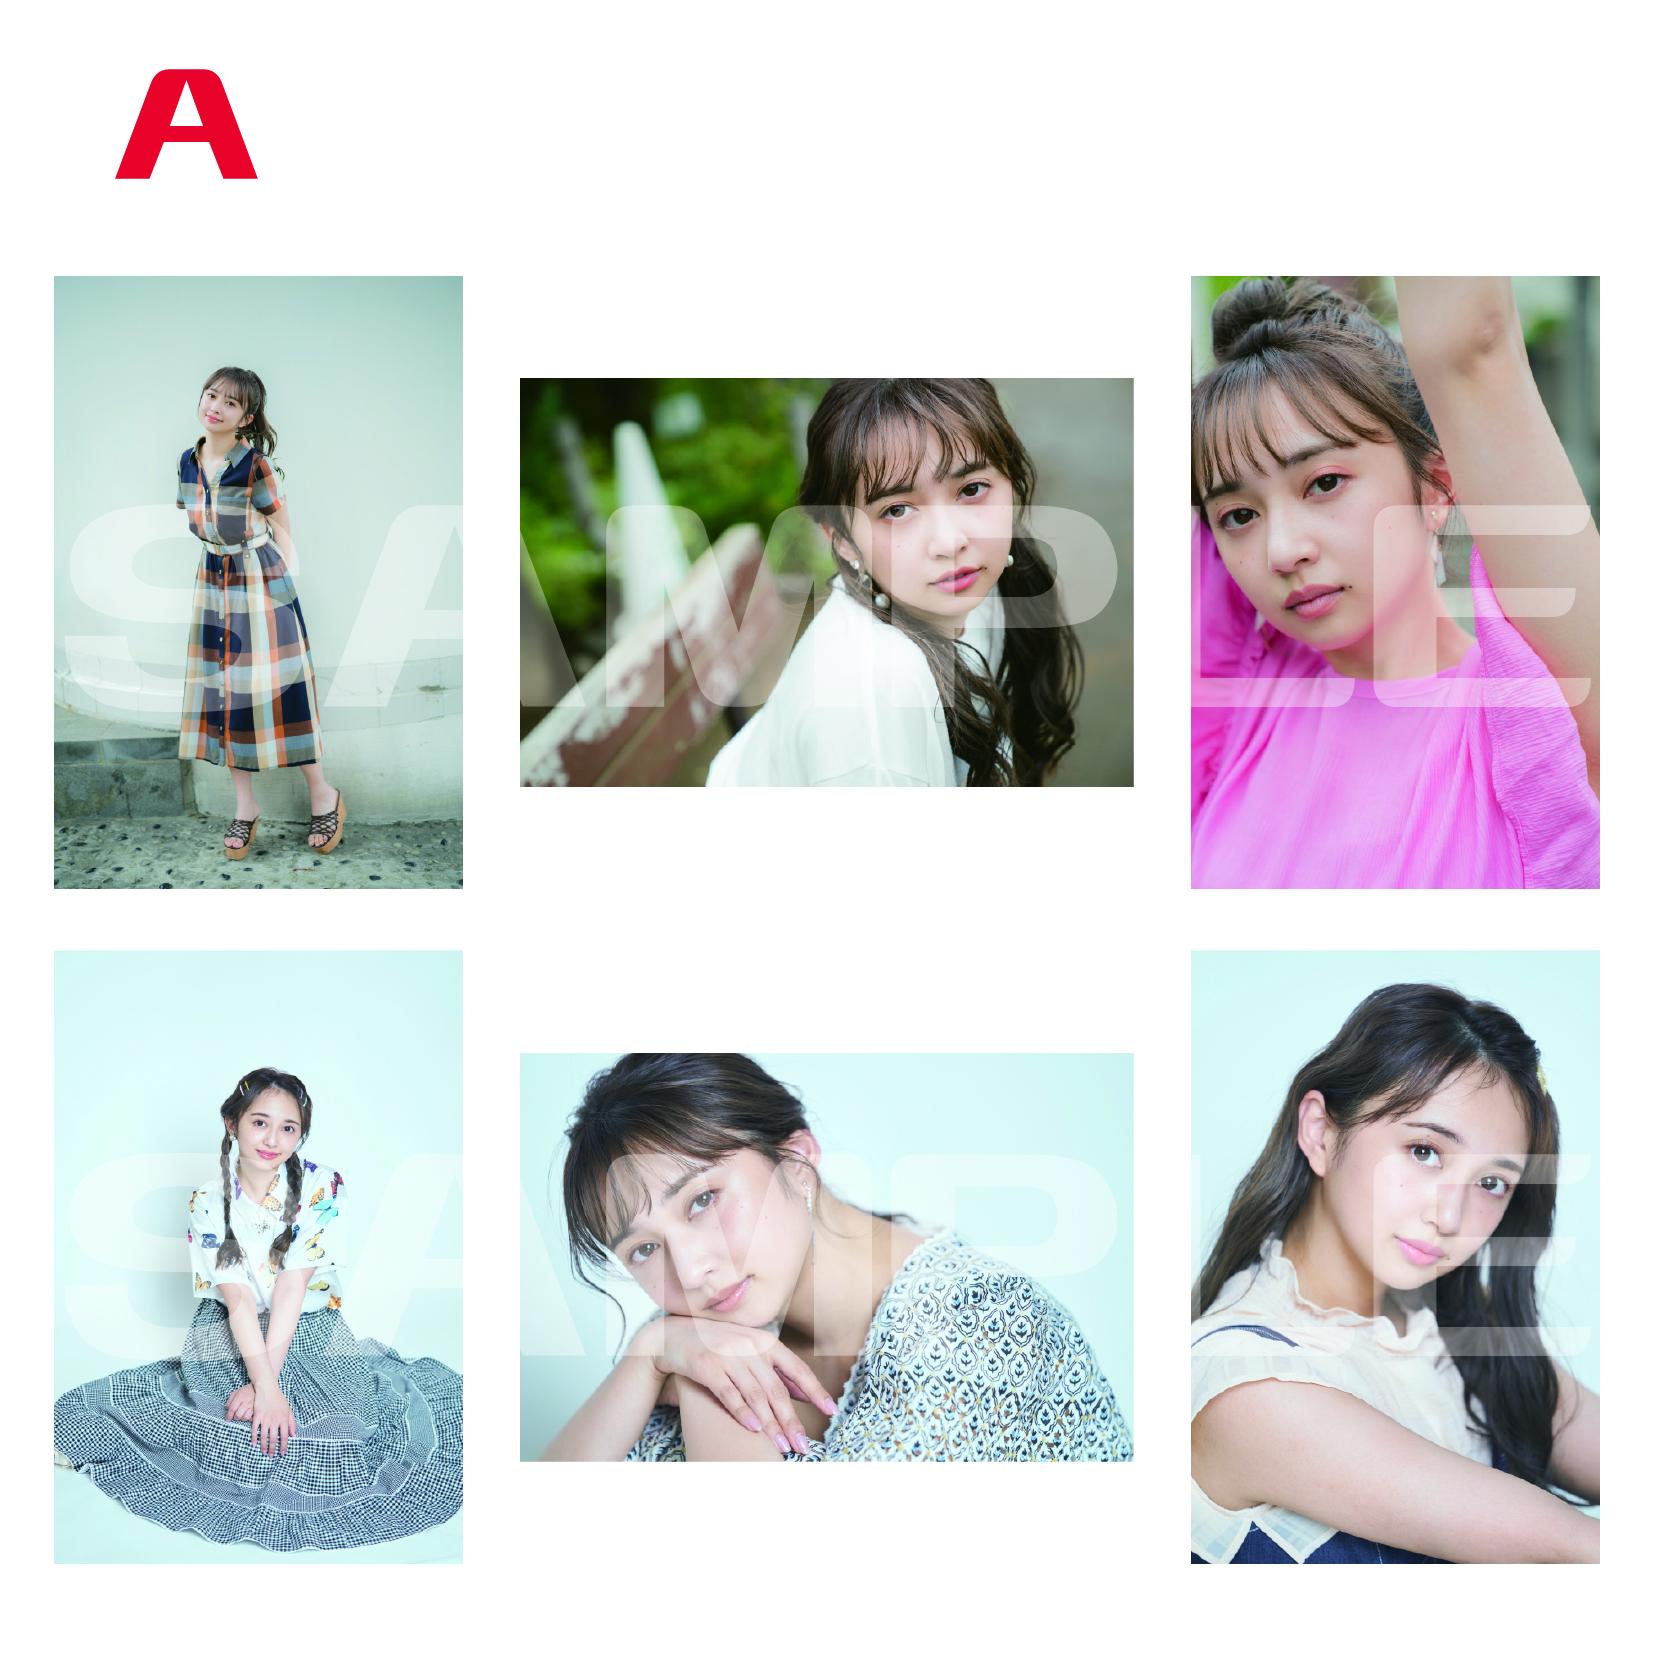 【小宮有紗 11thファンミーティング~Arisa's Garden 2021】ブロマイドセットA